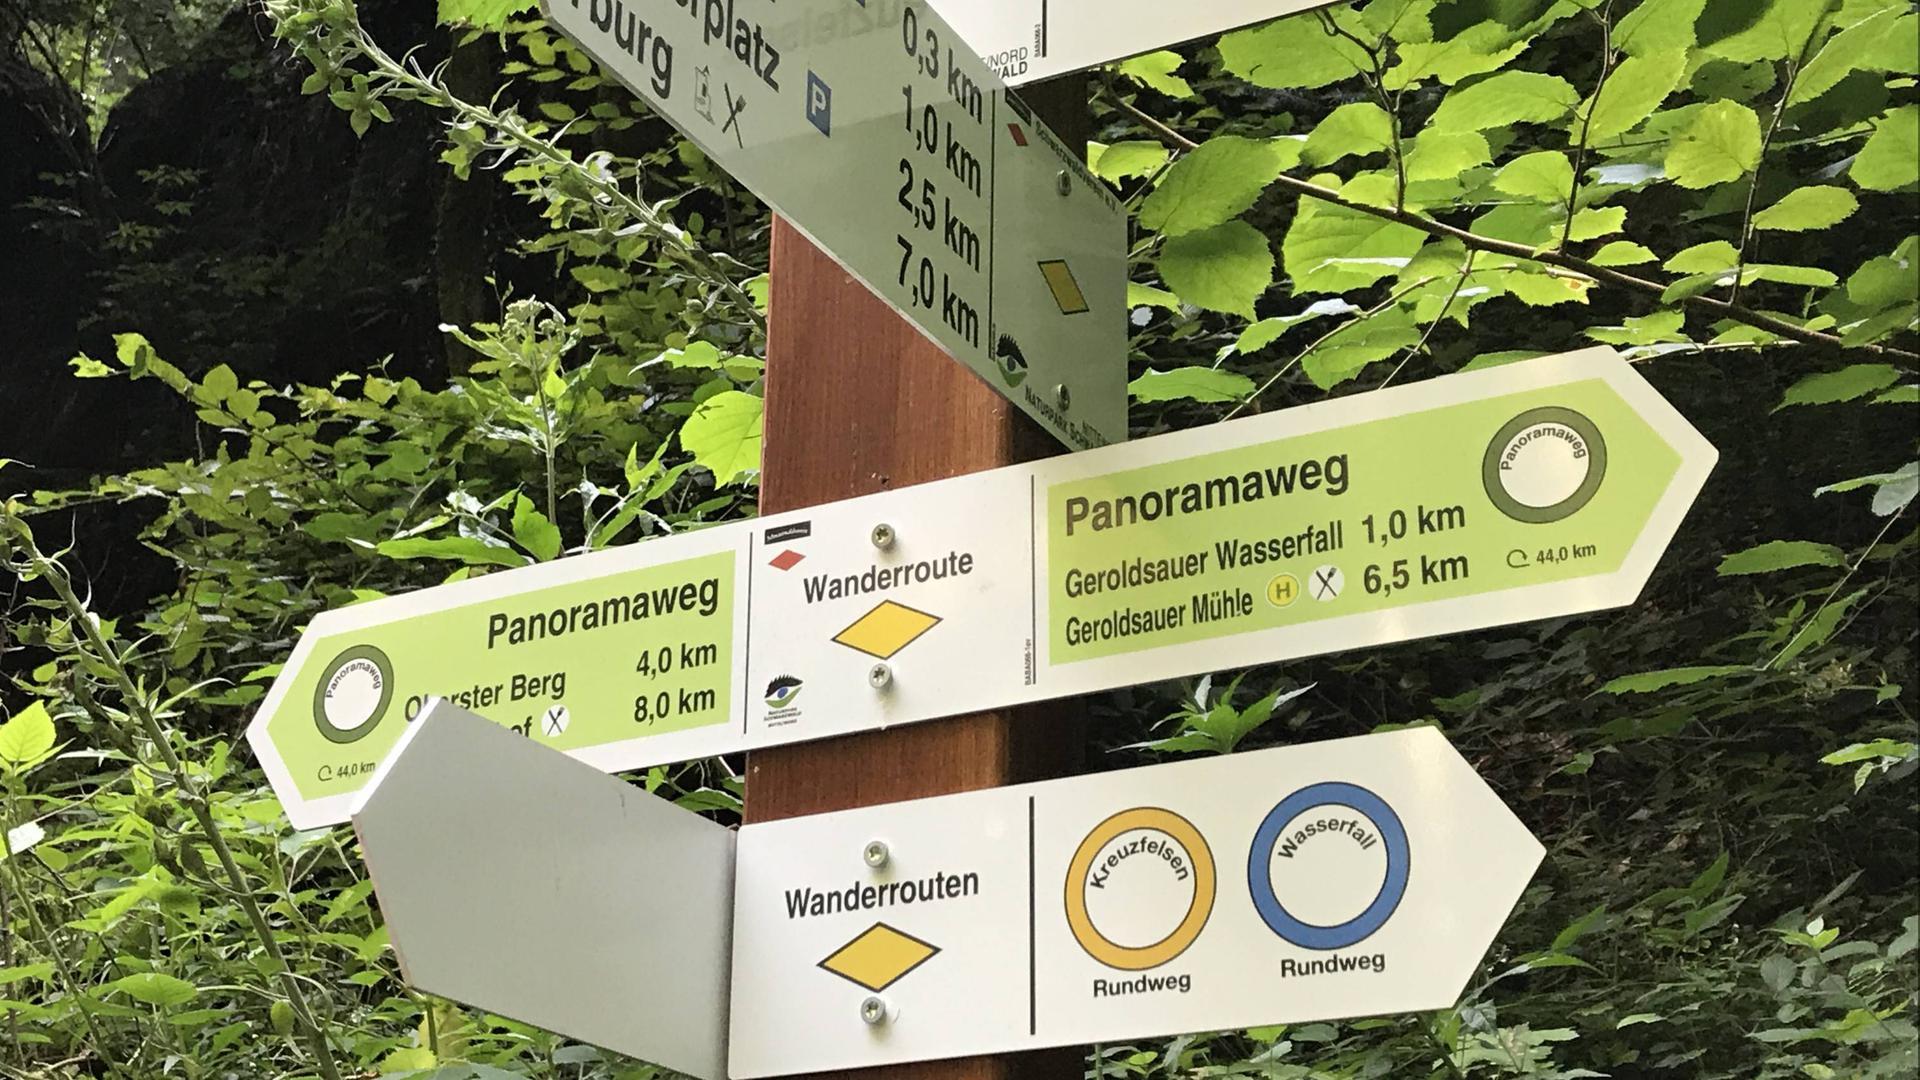 Hinweisschilder zeigen den Panoramaweg an.